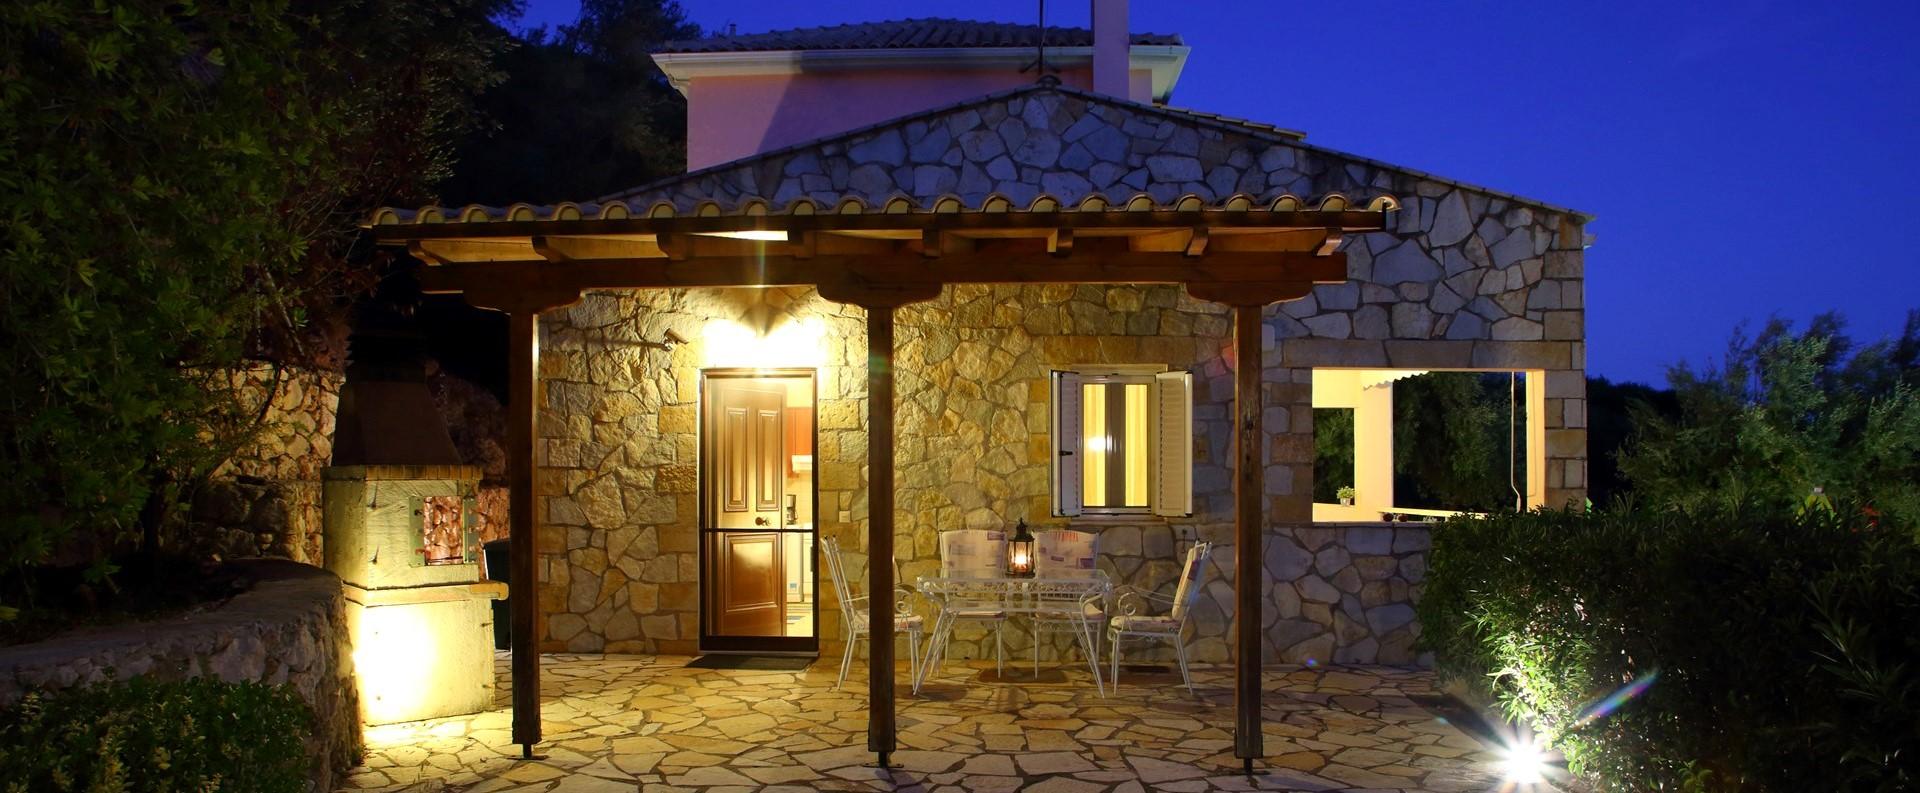 stavroula-villa-lefkada-front-porch